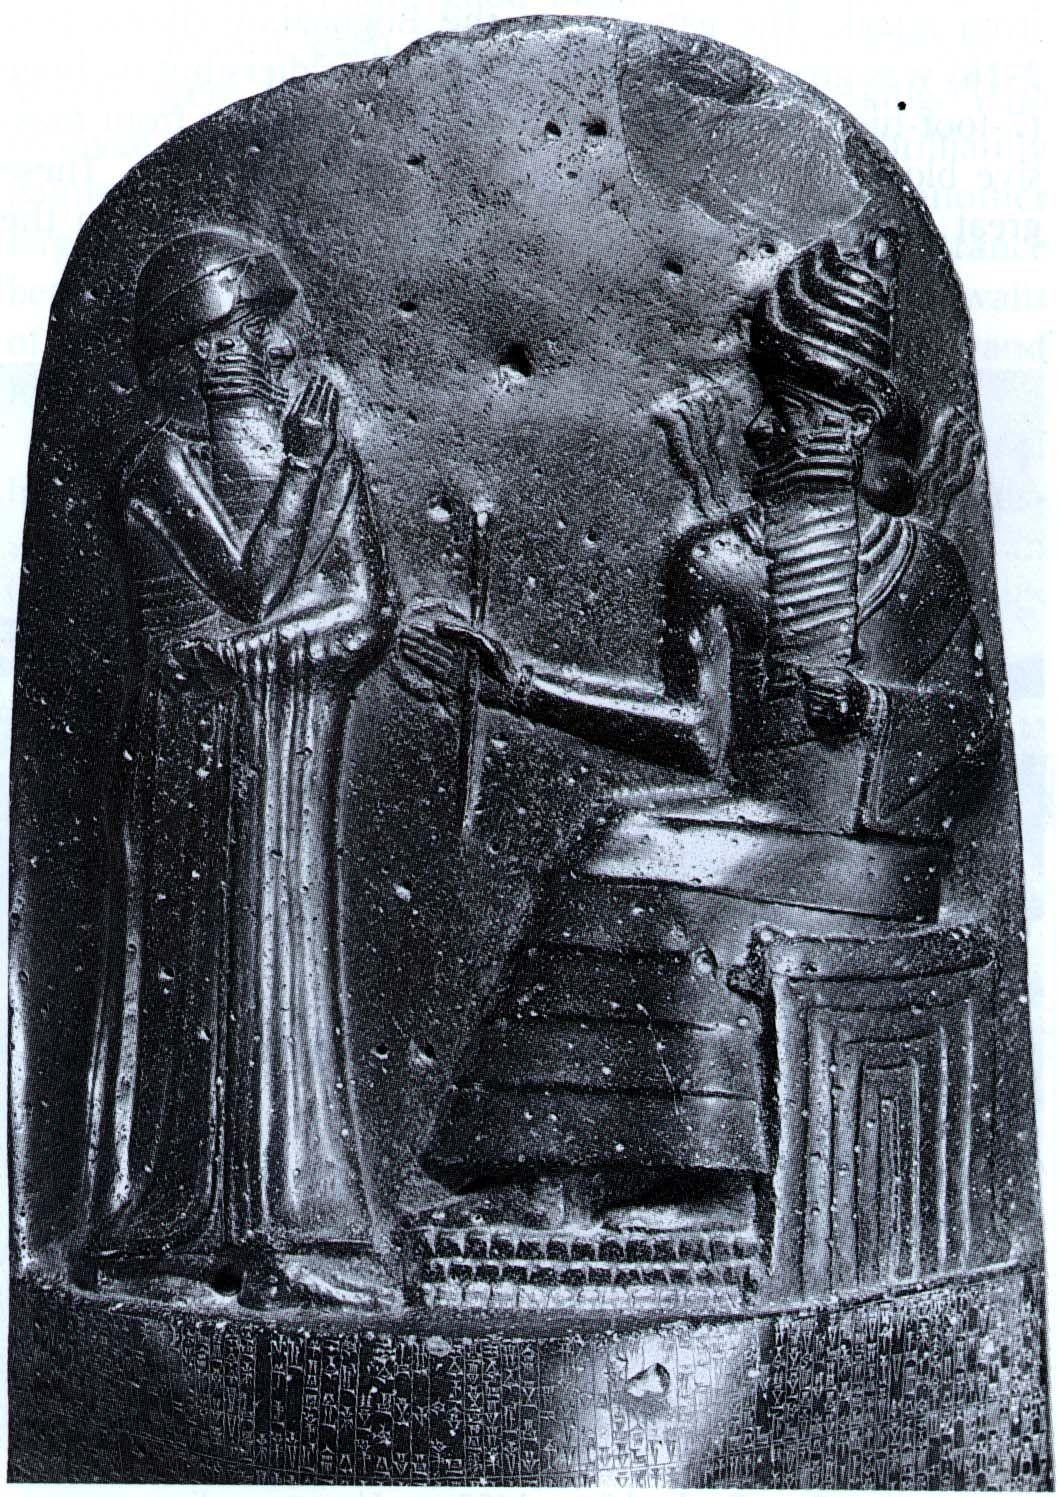 Codigo De Hammurabi Estela De Diorita Negra En Ella